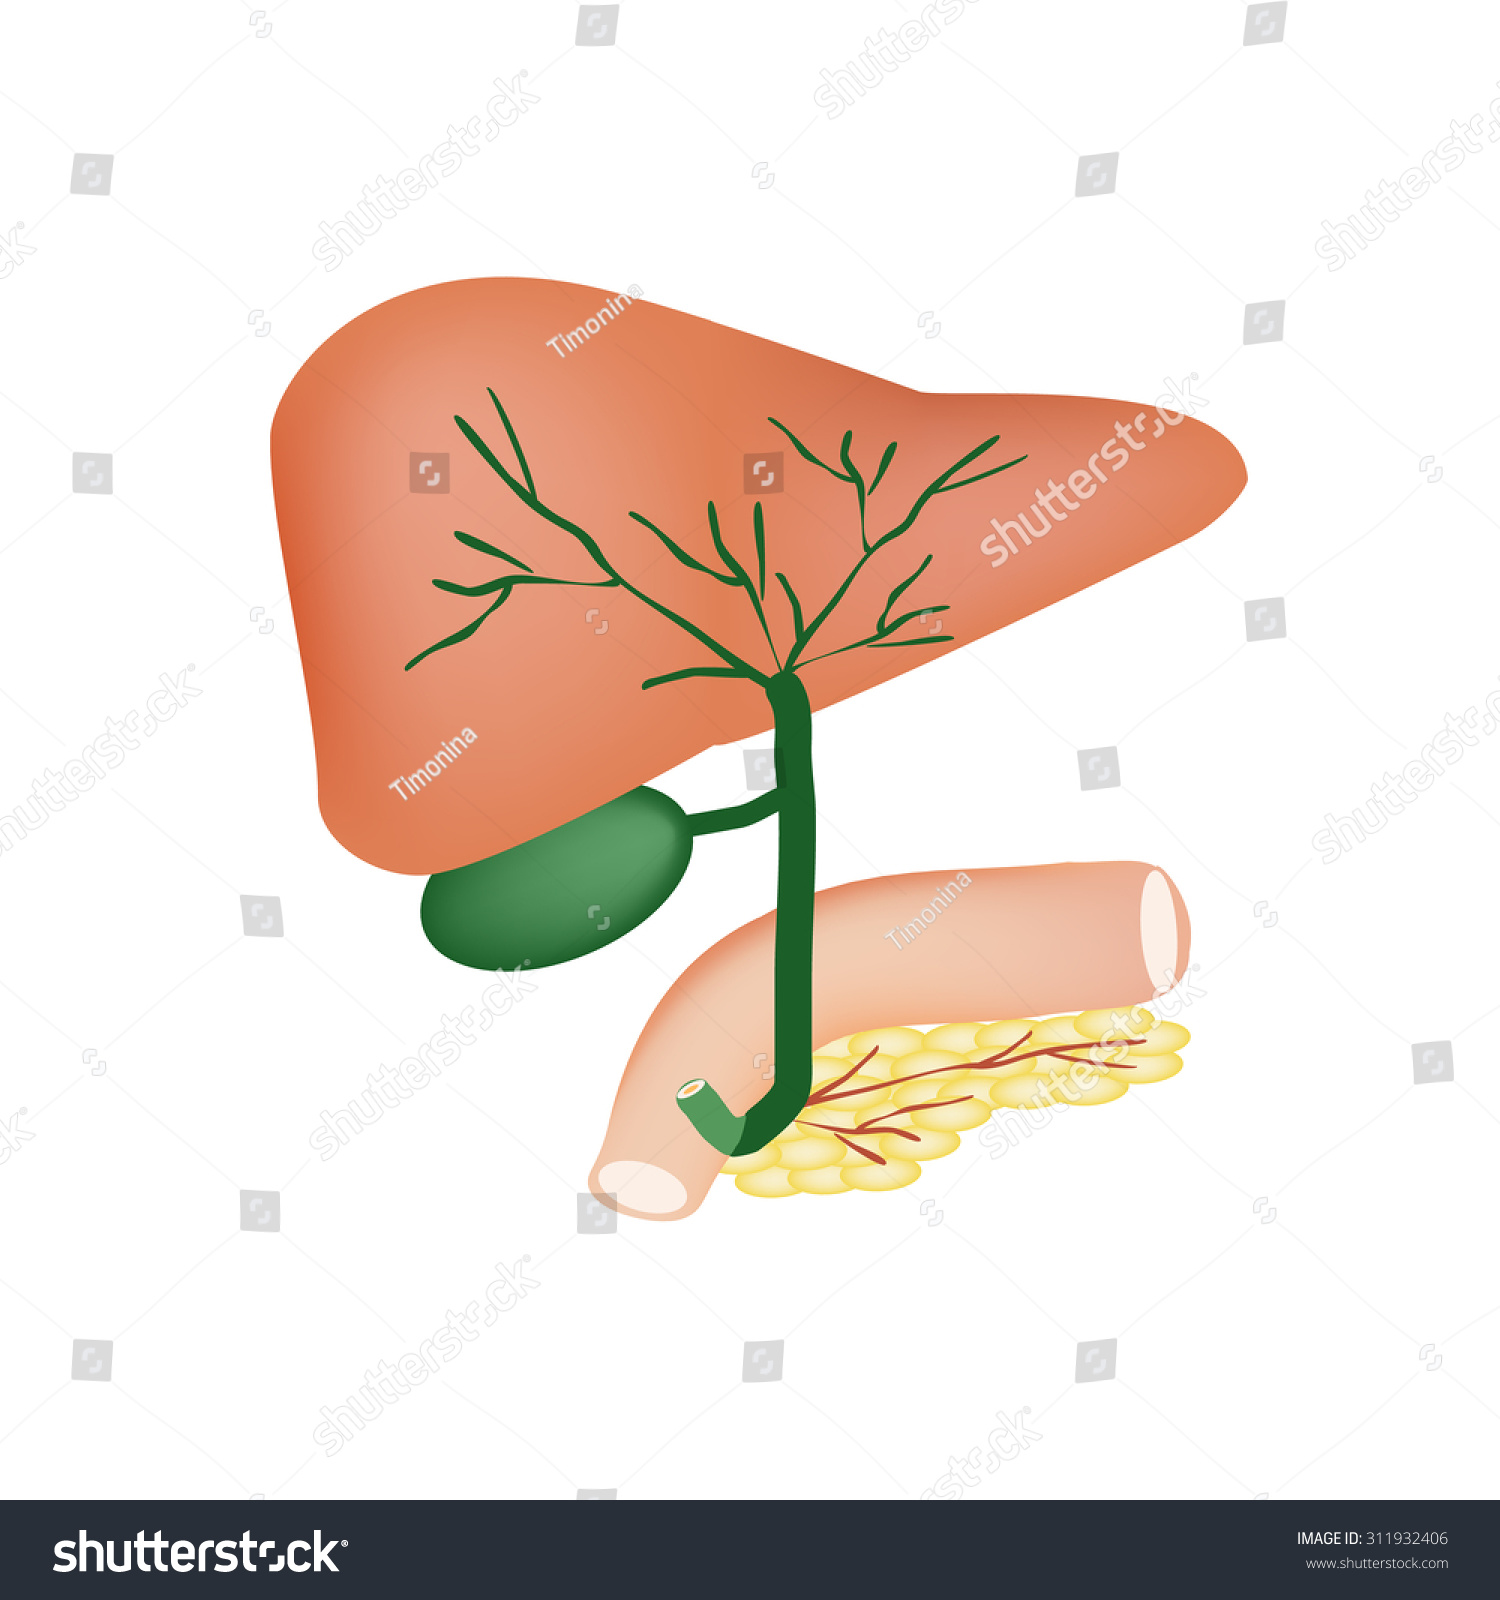 Anatomical Structure Liver Gallbladder Bile Ducts Stock Illustration